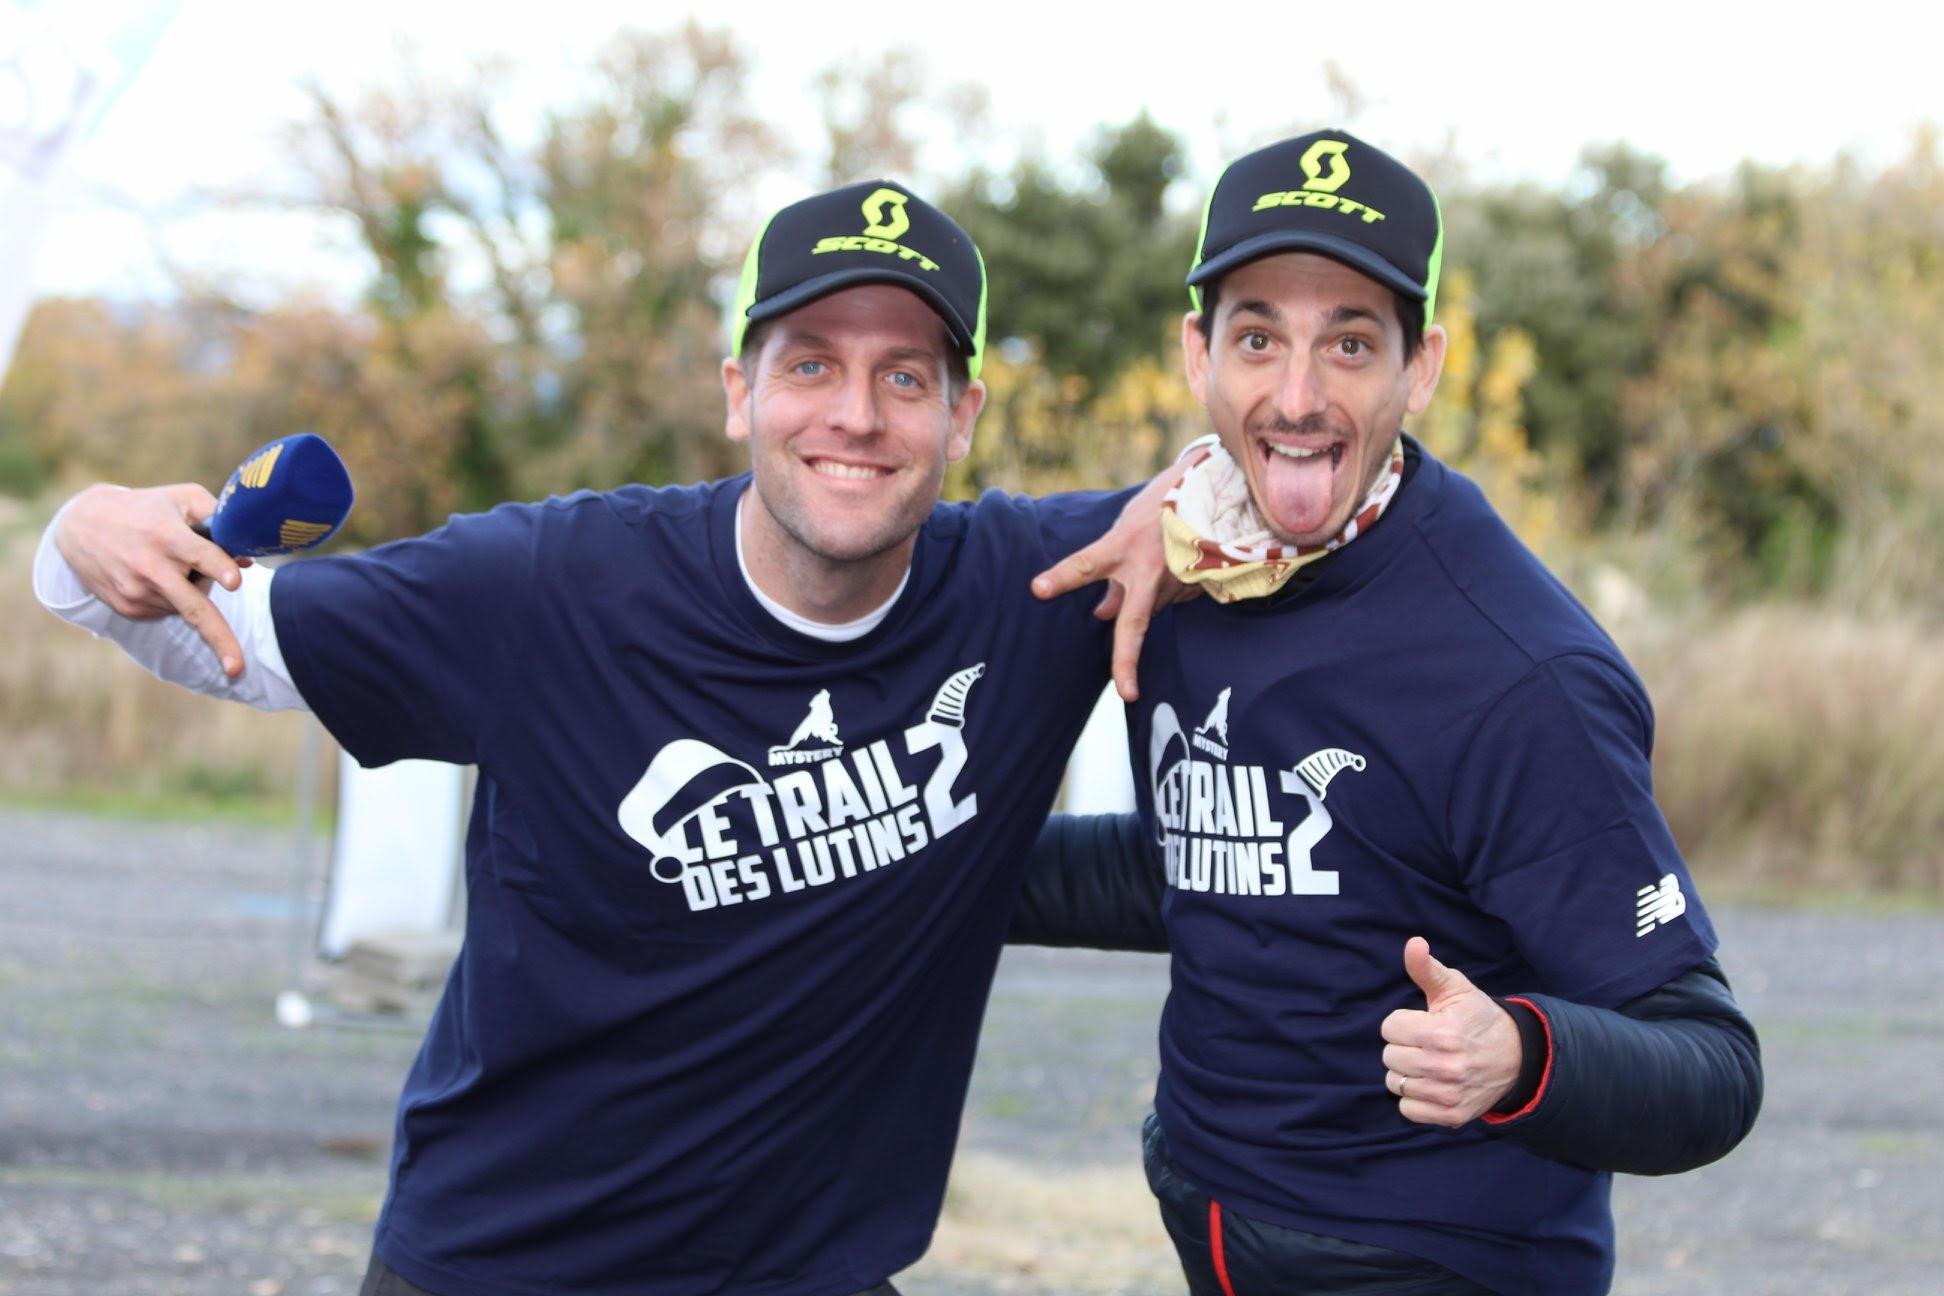 La course Paradise Trail se tiendra à Pézenas le 13 avril 2019